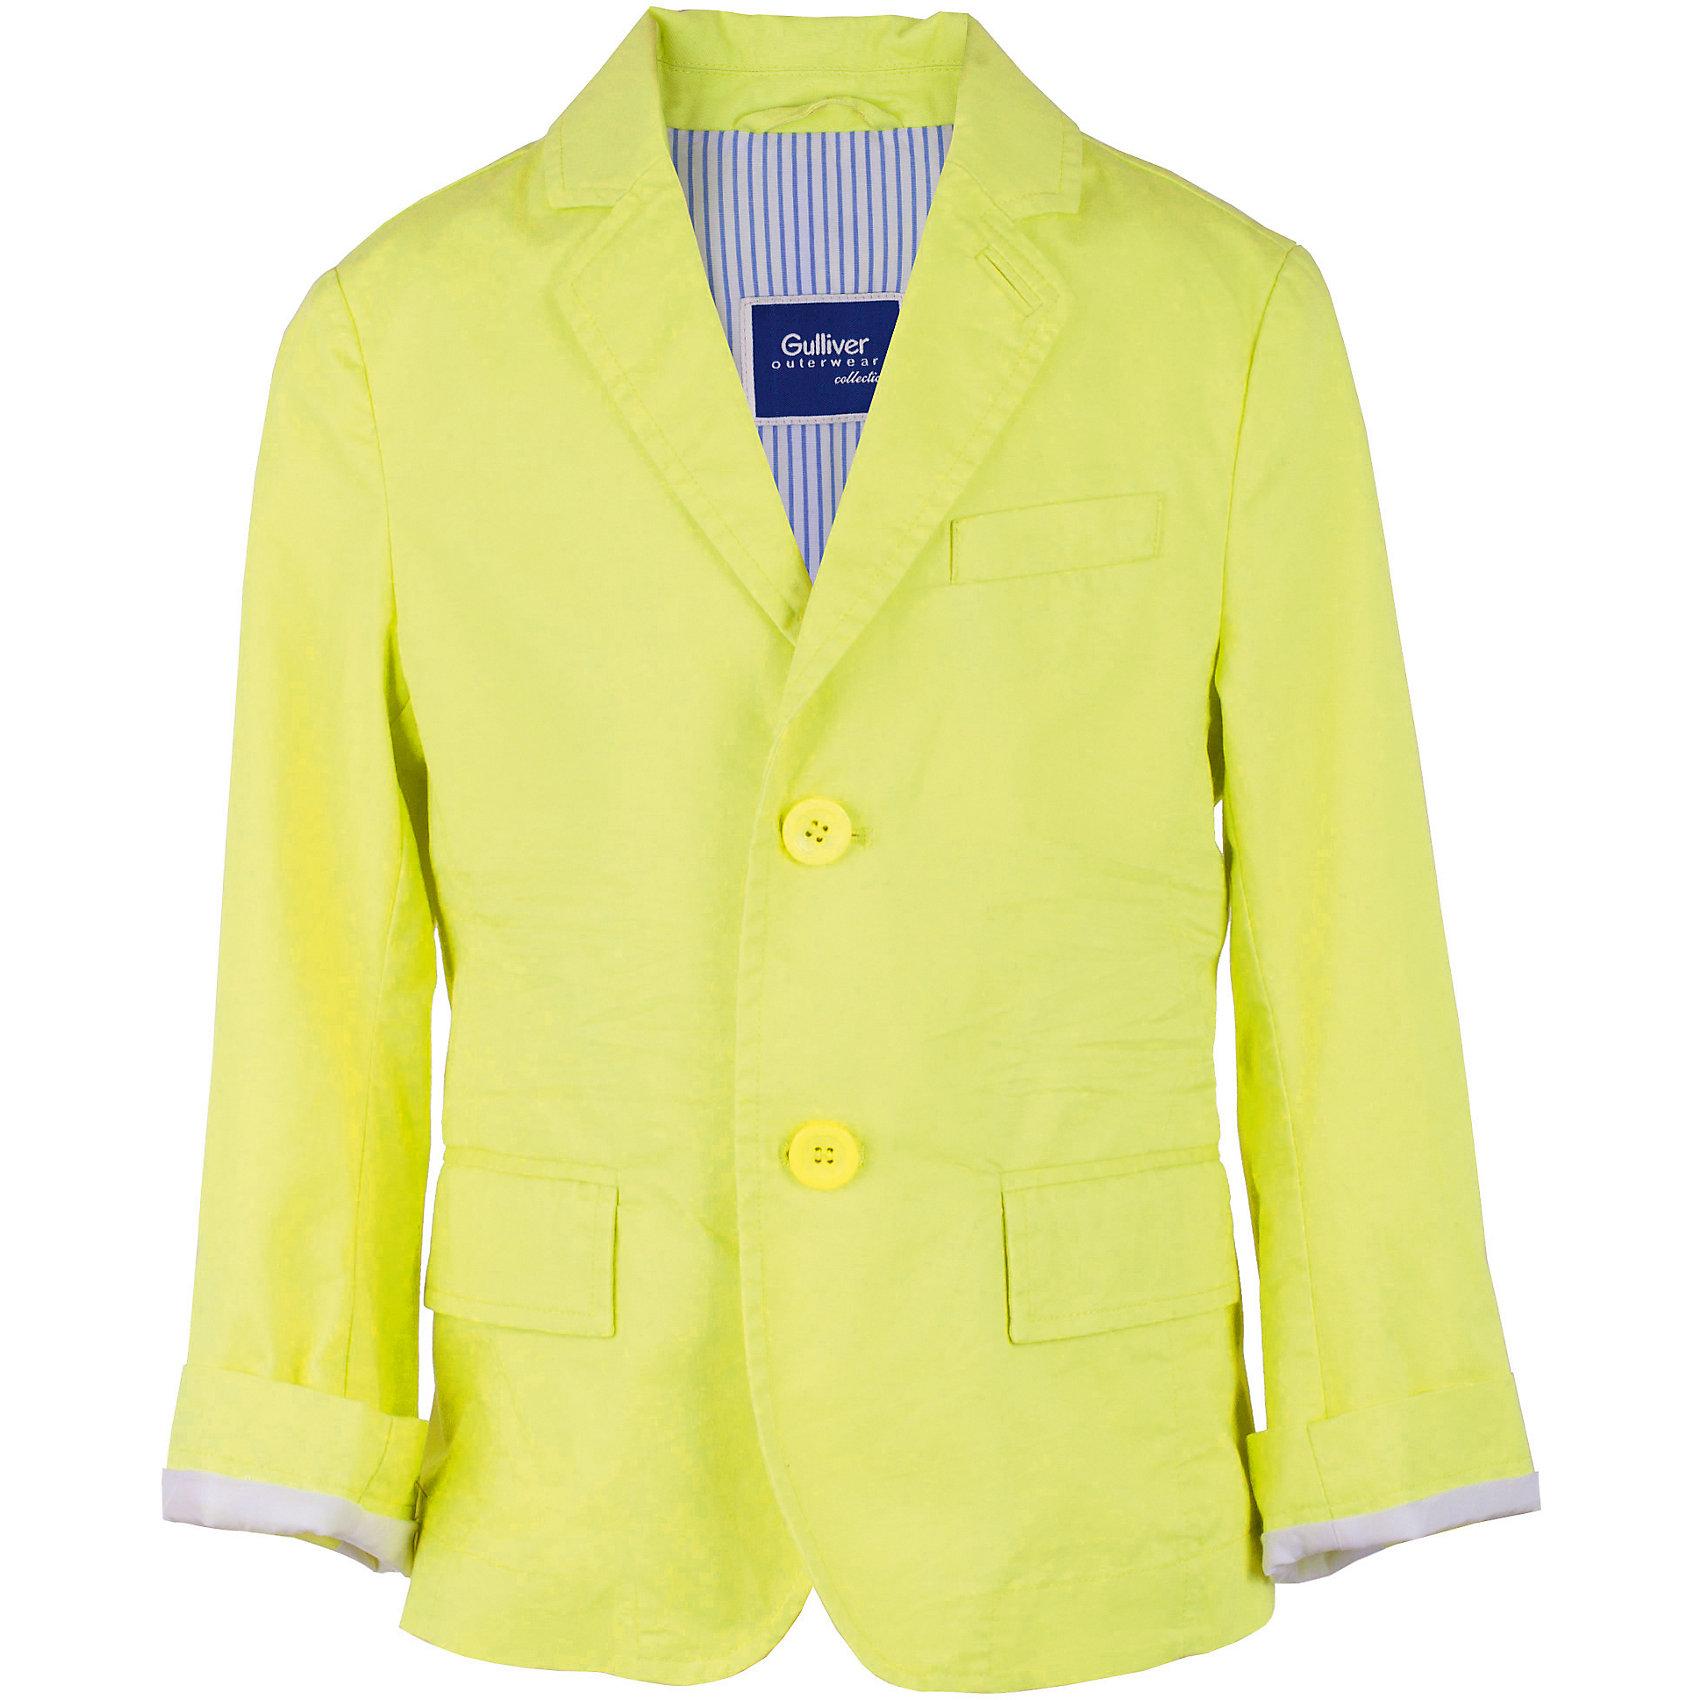 Пиджак для мальчика GulliverОдежда<br>Шикарный салатовый пиджак превратит любого озорника и непоседу в истинного джентльмена. Яркий пиджак из 100% хлопка - непременный атрибут модного и элегантного детского гардероба! Идеальная форма, правильная посадка изделия на фигуре, выразительные замины, а также красивая внутренняя обработка делают пиджак необычным и интересным. При этом, ребенок в нем будет чувствовать себя абсолютно свободно и непринужденно! Стильный пиджак для мальчика подчеркнет индивидуальность и сделает любой комплект в стиле casual  ярким и запоминающимся!<br>Состав:<br>100% хлопок<br><br>Ширина мм: 247<br>Глубина мм: 16<br>Высота мм: 140<br>Вес г: 225<br>Цвет: зеленый<br>Возраст от месяцев: 108<br>Возраст до месяцев: 120<br>Пол: Мужской<br>Возраст: Детский<br>Размер: 140,128,122,134<br>SKU: 5482957